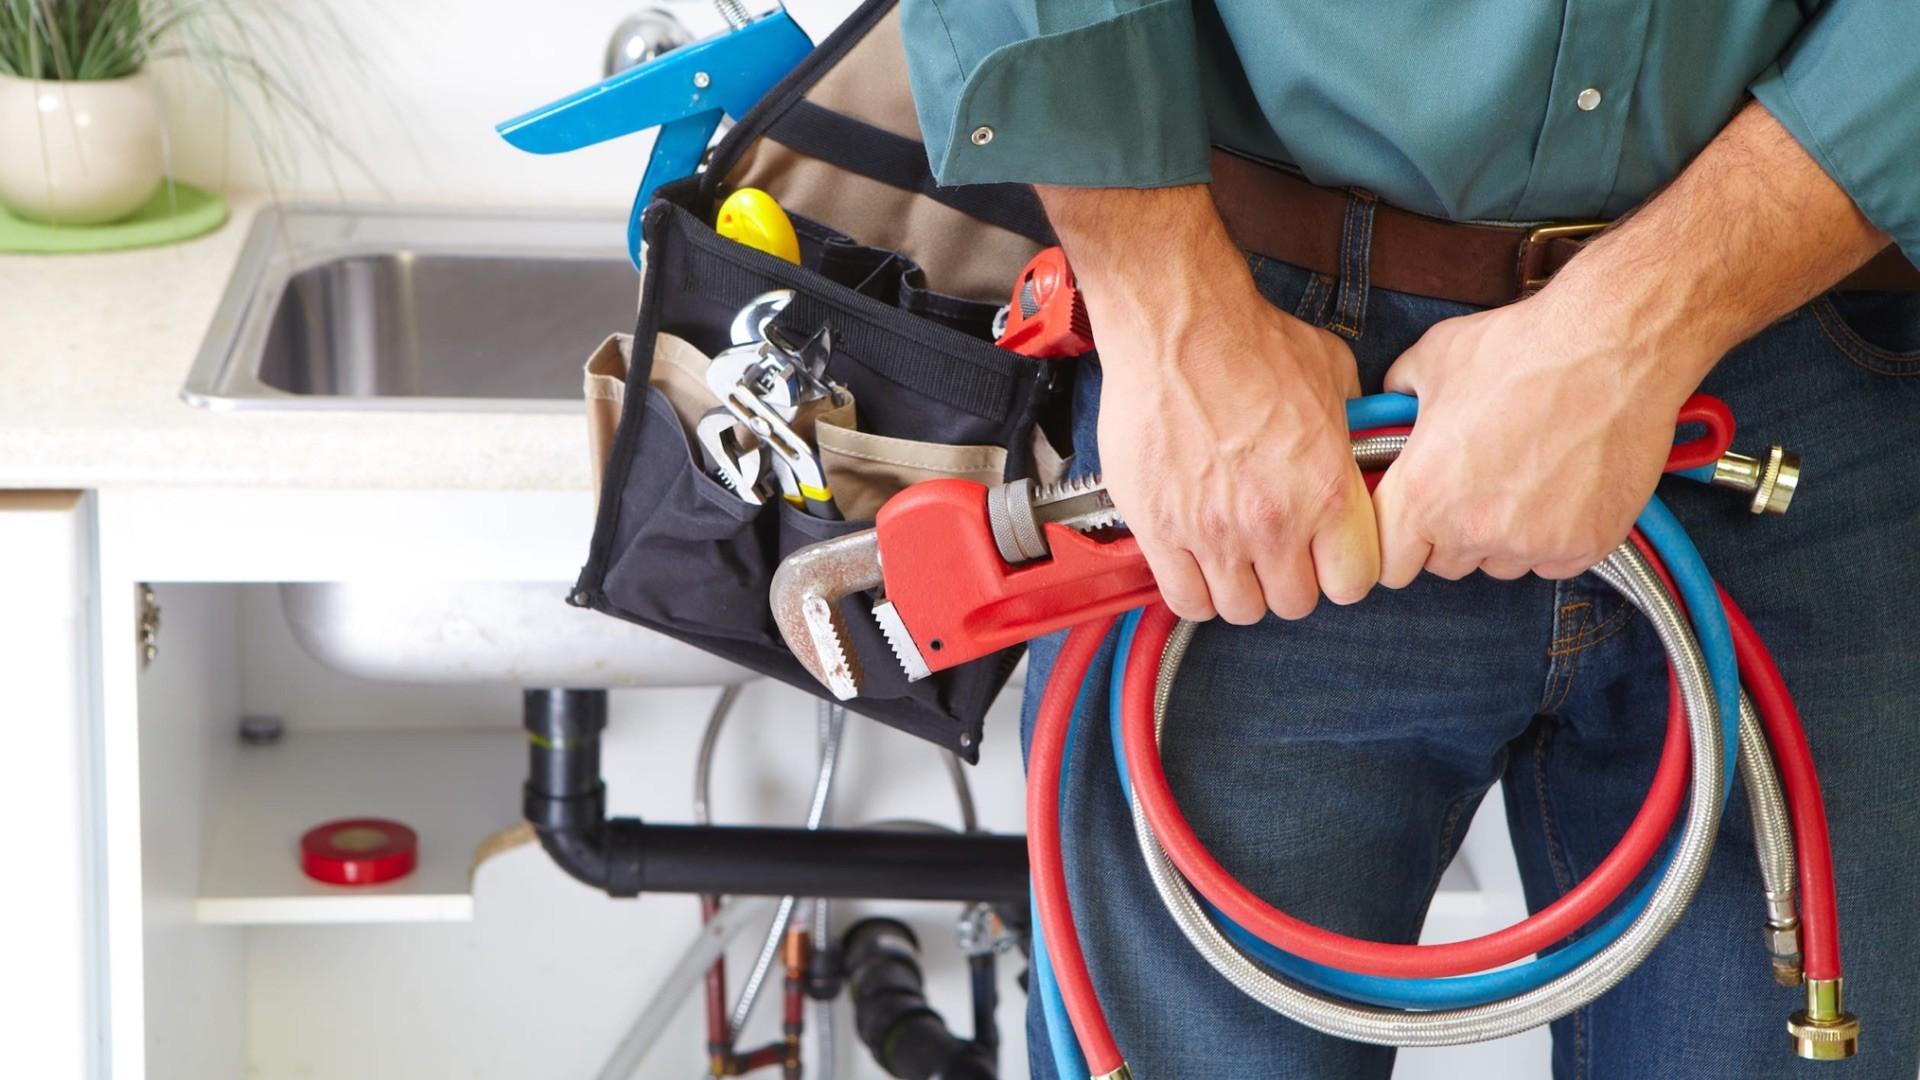 Serveis de Lampisteria - Electricitat - Climatització - Reparacions i Urgències de la llar i el treball